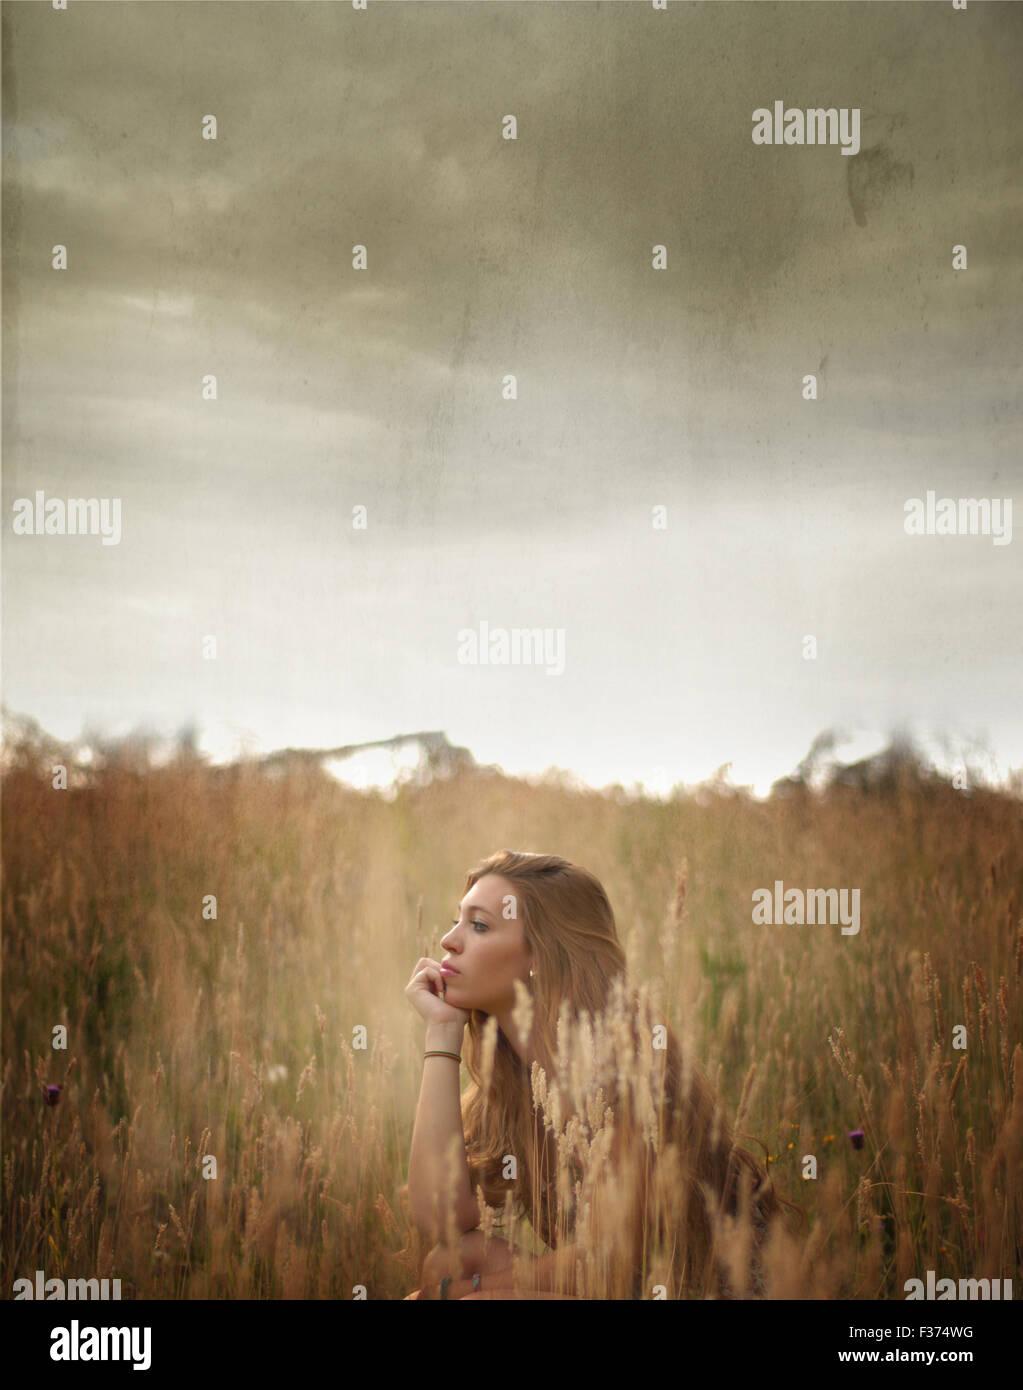 Mädchen sitzen zwischen Feldern mit einem stürmischen Himmel Stockfoto